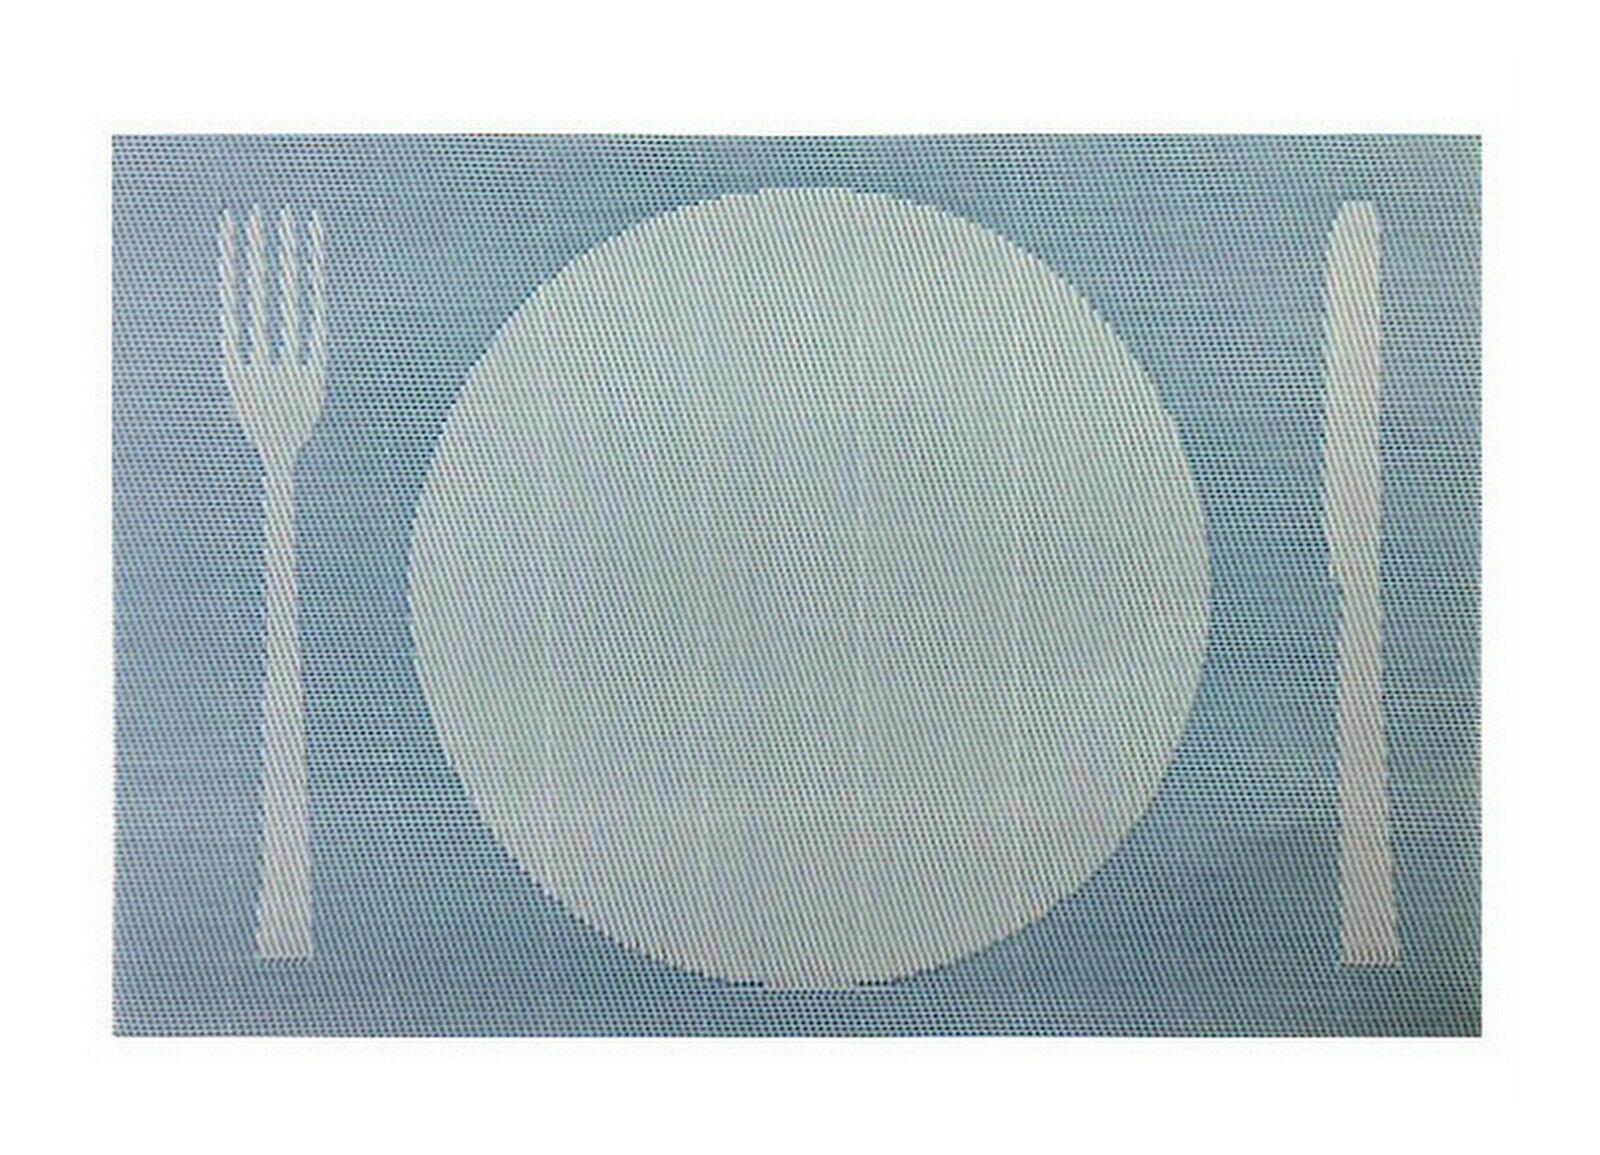 Tischset Platzdeckchen Platzset 45x30 cm abwaschbar Kunststoff PVC versch. Motiv - Besteck Design (Blau/Pastell-Blau)